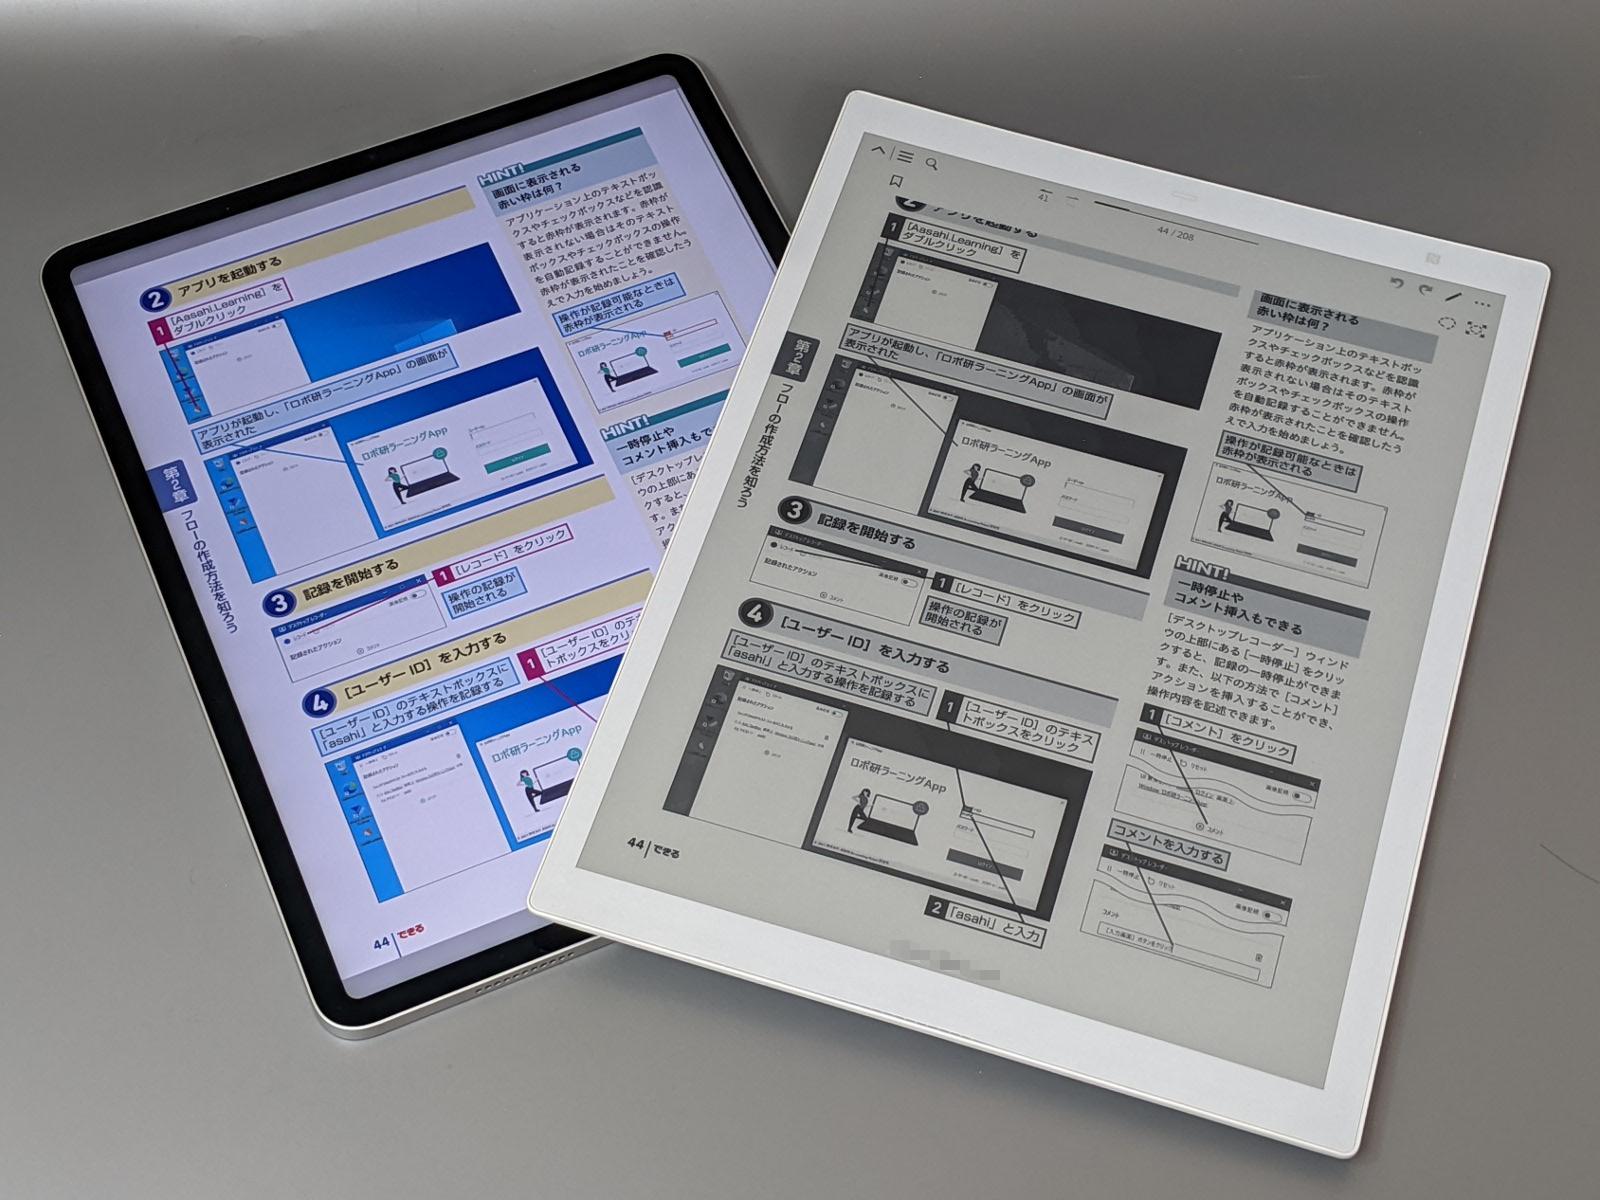 """今回はAppleの<a href=""""https://www.amazon.co.jp/exec/obidos/ASIN/B0932PKYZF/impresswatch-18-22/ref=nosim"""" class=""""deliver_inner_content ni"""" target=""""_blank"""">「12.9インチiPad Pro」</a>と、富士通クライアントコンピューティングの<a href=""""https://hb.afl.rakuten.co.jp/ichiba/212c7e5e.0f2448d4.212c7e5f.088bb22e/?pc=https%3A%2F%2Fitem.rakuten.co.jp%2Fjism%2F4580620236646-42-25490-n%2F&link_type=hybrid_url&ut=eyJwYWdlIjoiaXRlbSIsInR5cGUiOiJoeWJyaWRfdXJsIiwic2l6ZSI6IjI0MHgyNDAiLCJuYW0iOjEsIm5hbXAiOiJyaWdodCIsImNvbSI6MSwiY29tcCI6ImRvd24iLCJwcmljZSI6MSwiYm9yIjoxLCJjb2wiOjEsImJidG4iOjEsInByb2QiOjAsImFtcCI6ZmFsc2V9"""" class=""""deliver_inner_content ni"""" target=""""_blank"""">「QUADERNO A4」</a>を紹介する"""